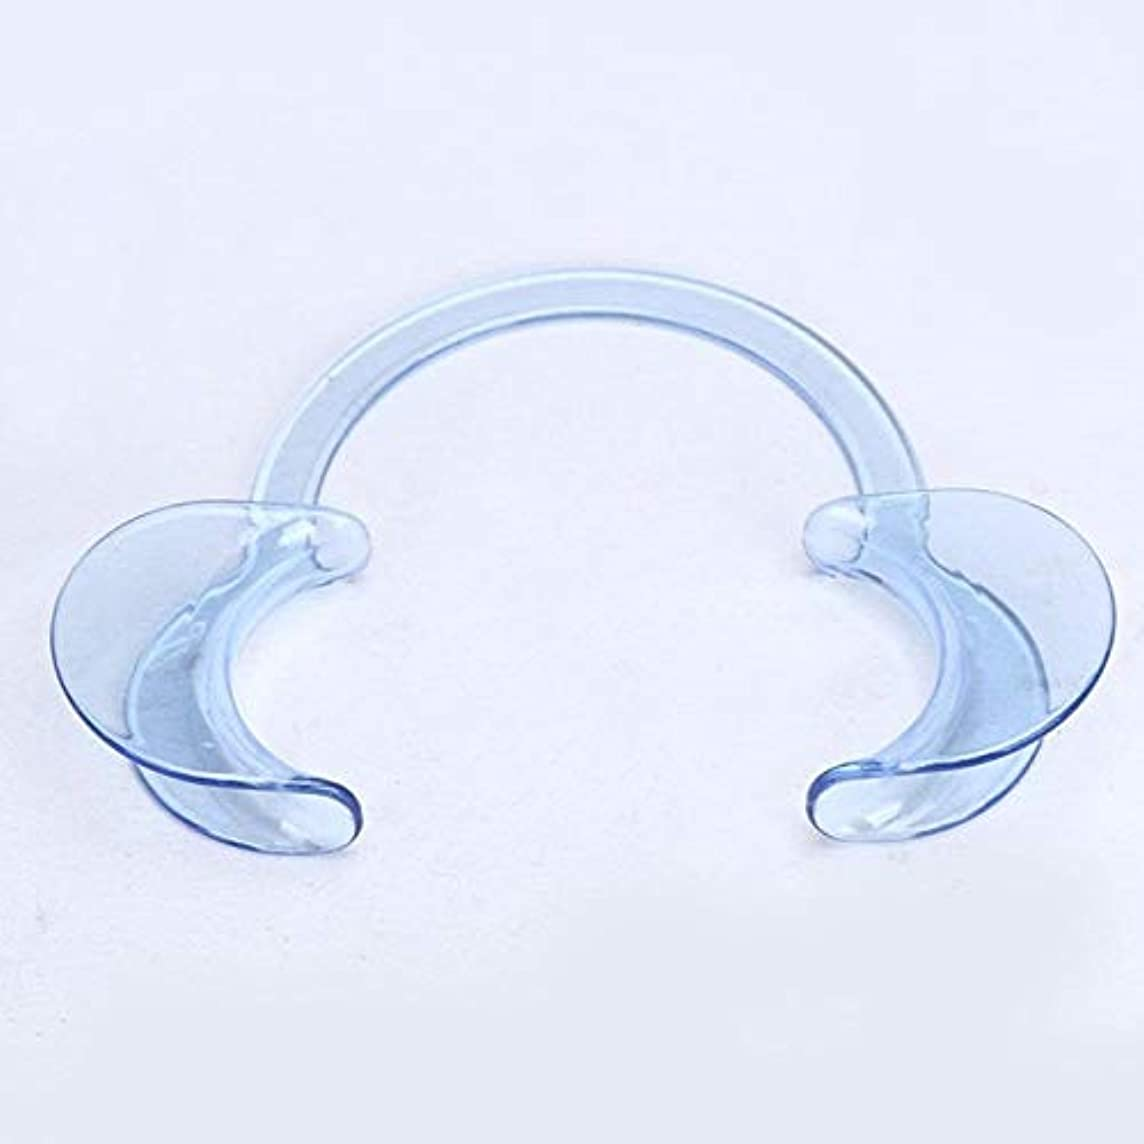 勇者繁栄する再びDC パック 歯科 C型 開口器 口オープナー マウスオープナー 開口マウスオープナー C型ホワイトニング口の開創器